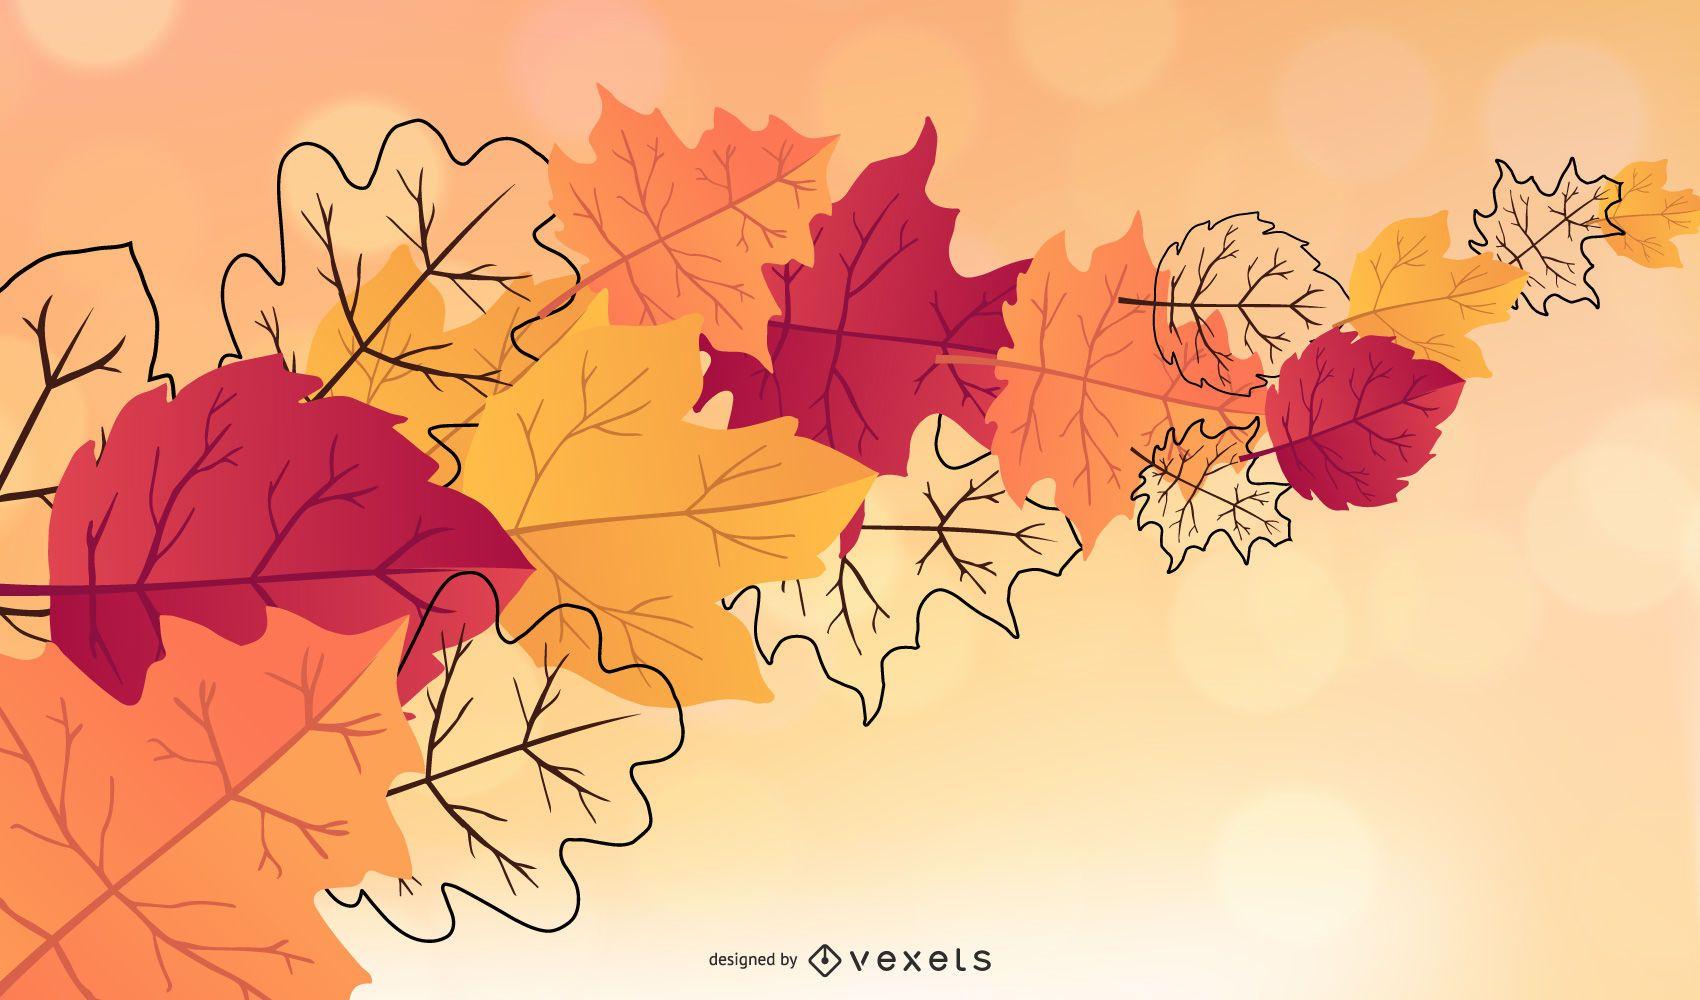 Fall Leaves Wallpaper Design